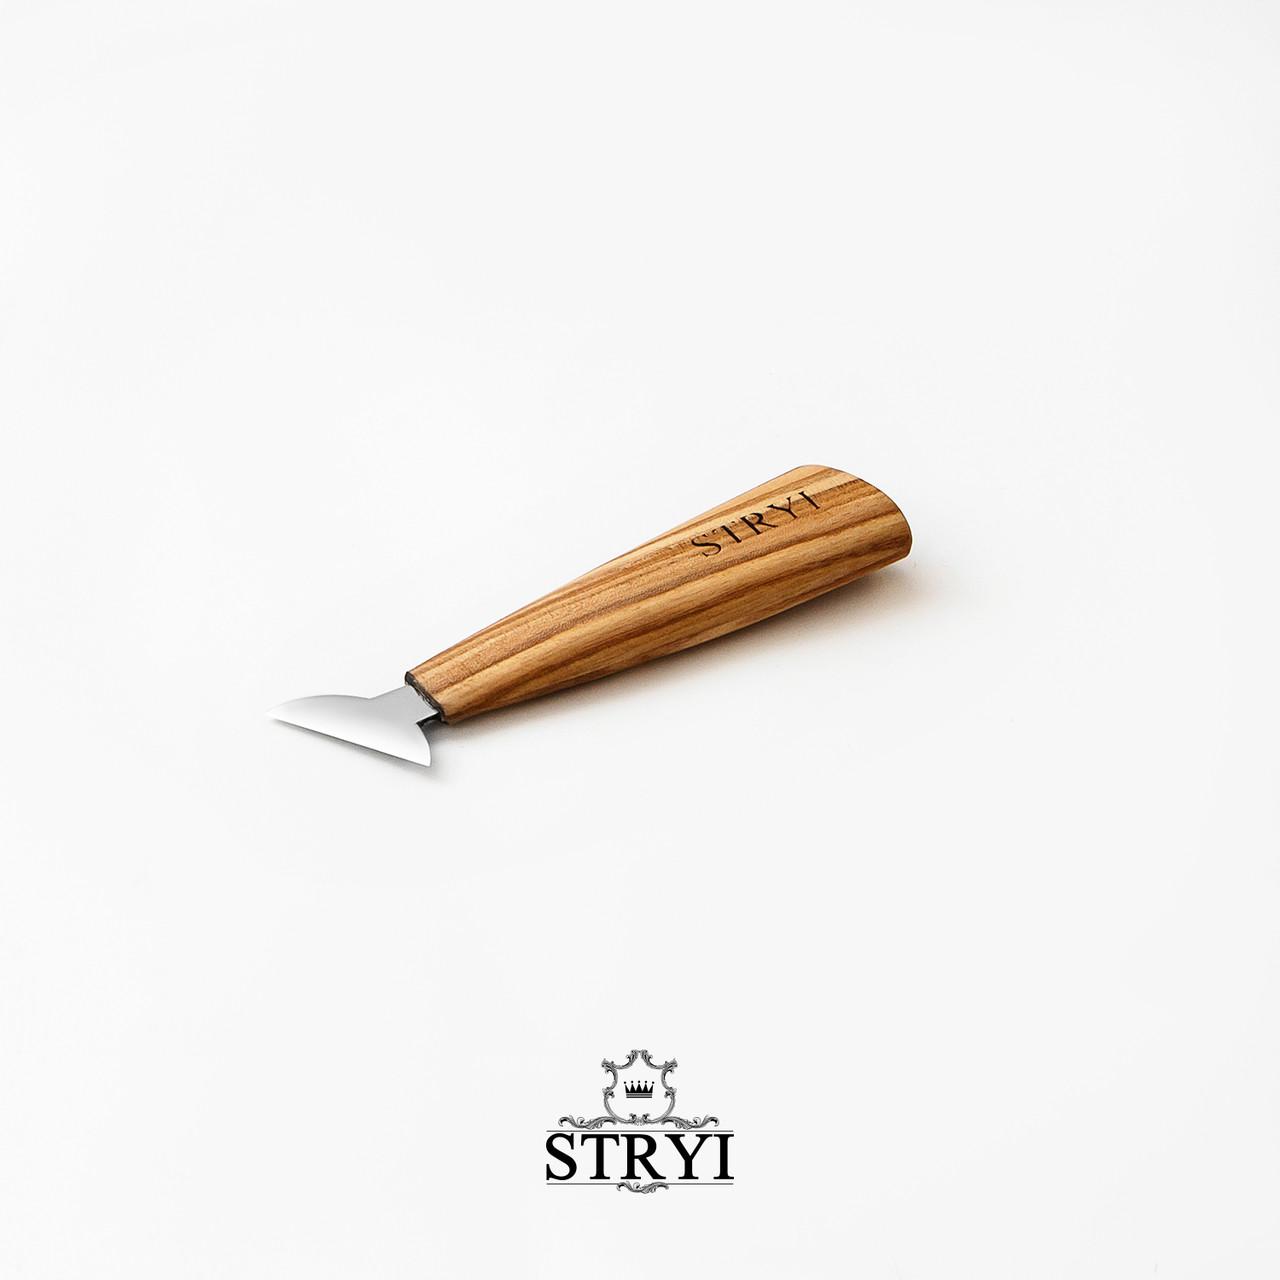 Стамеска нож -топорик STRYI 40 мм, от производителя